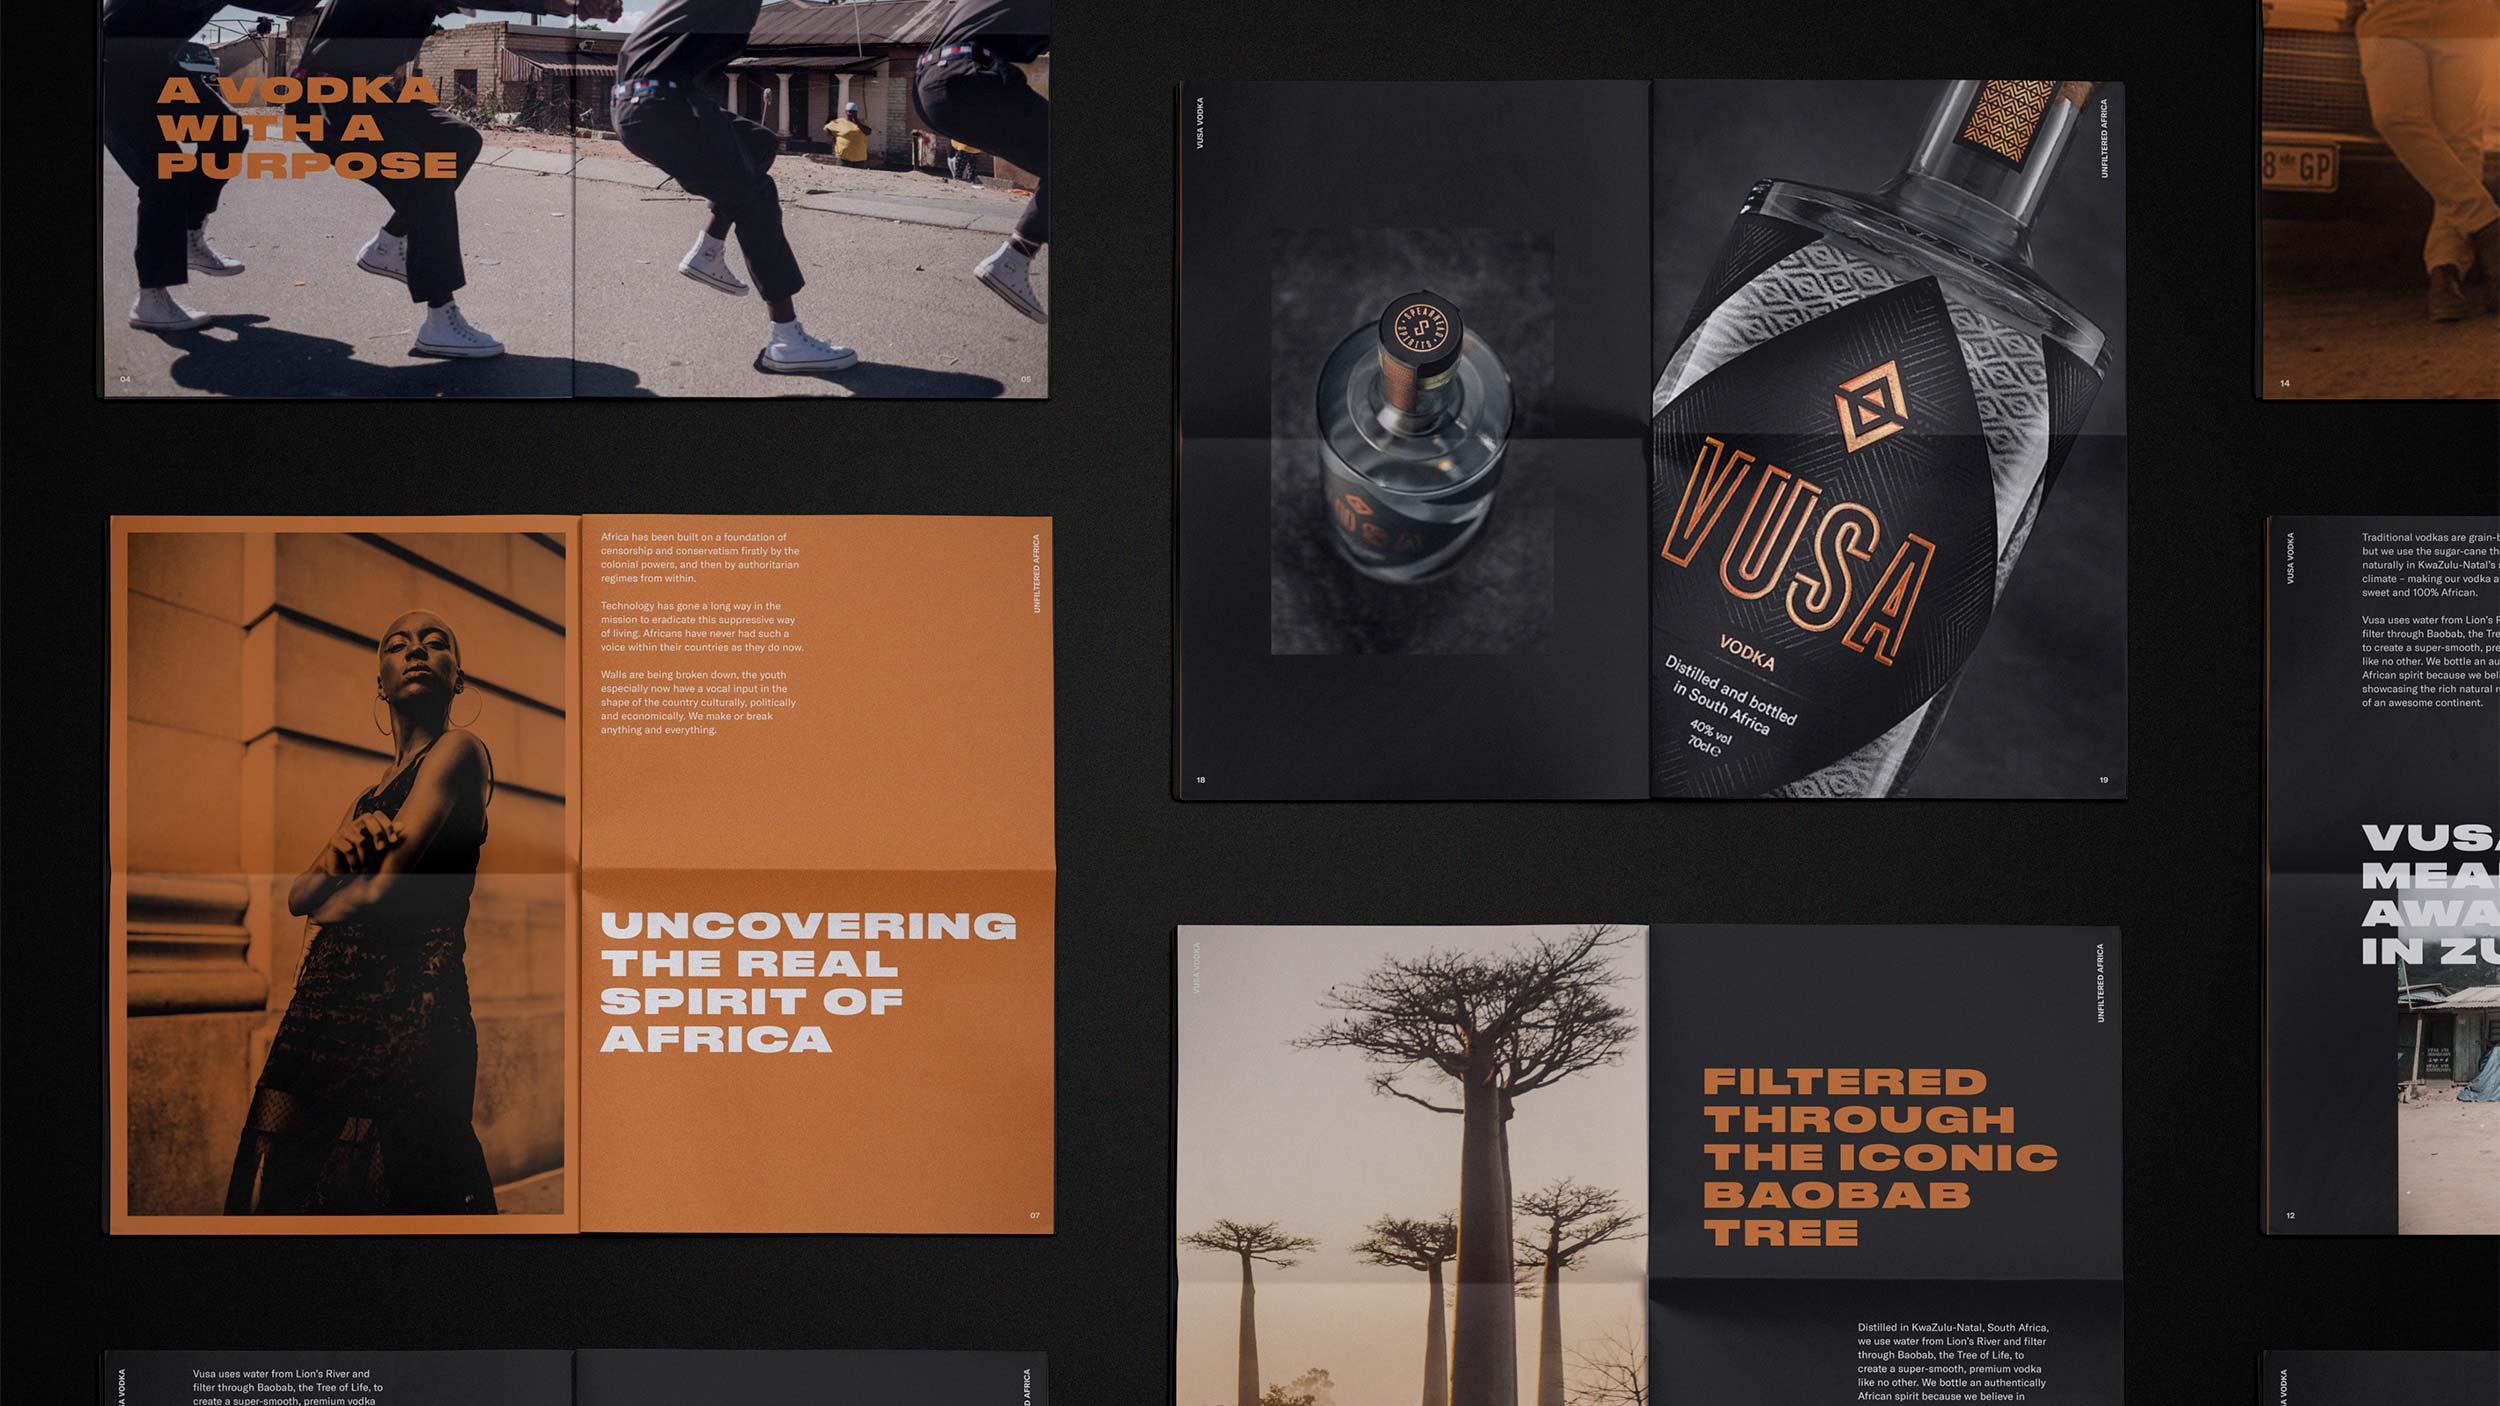 Vusa newsprint designs